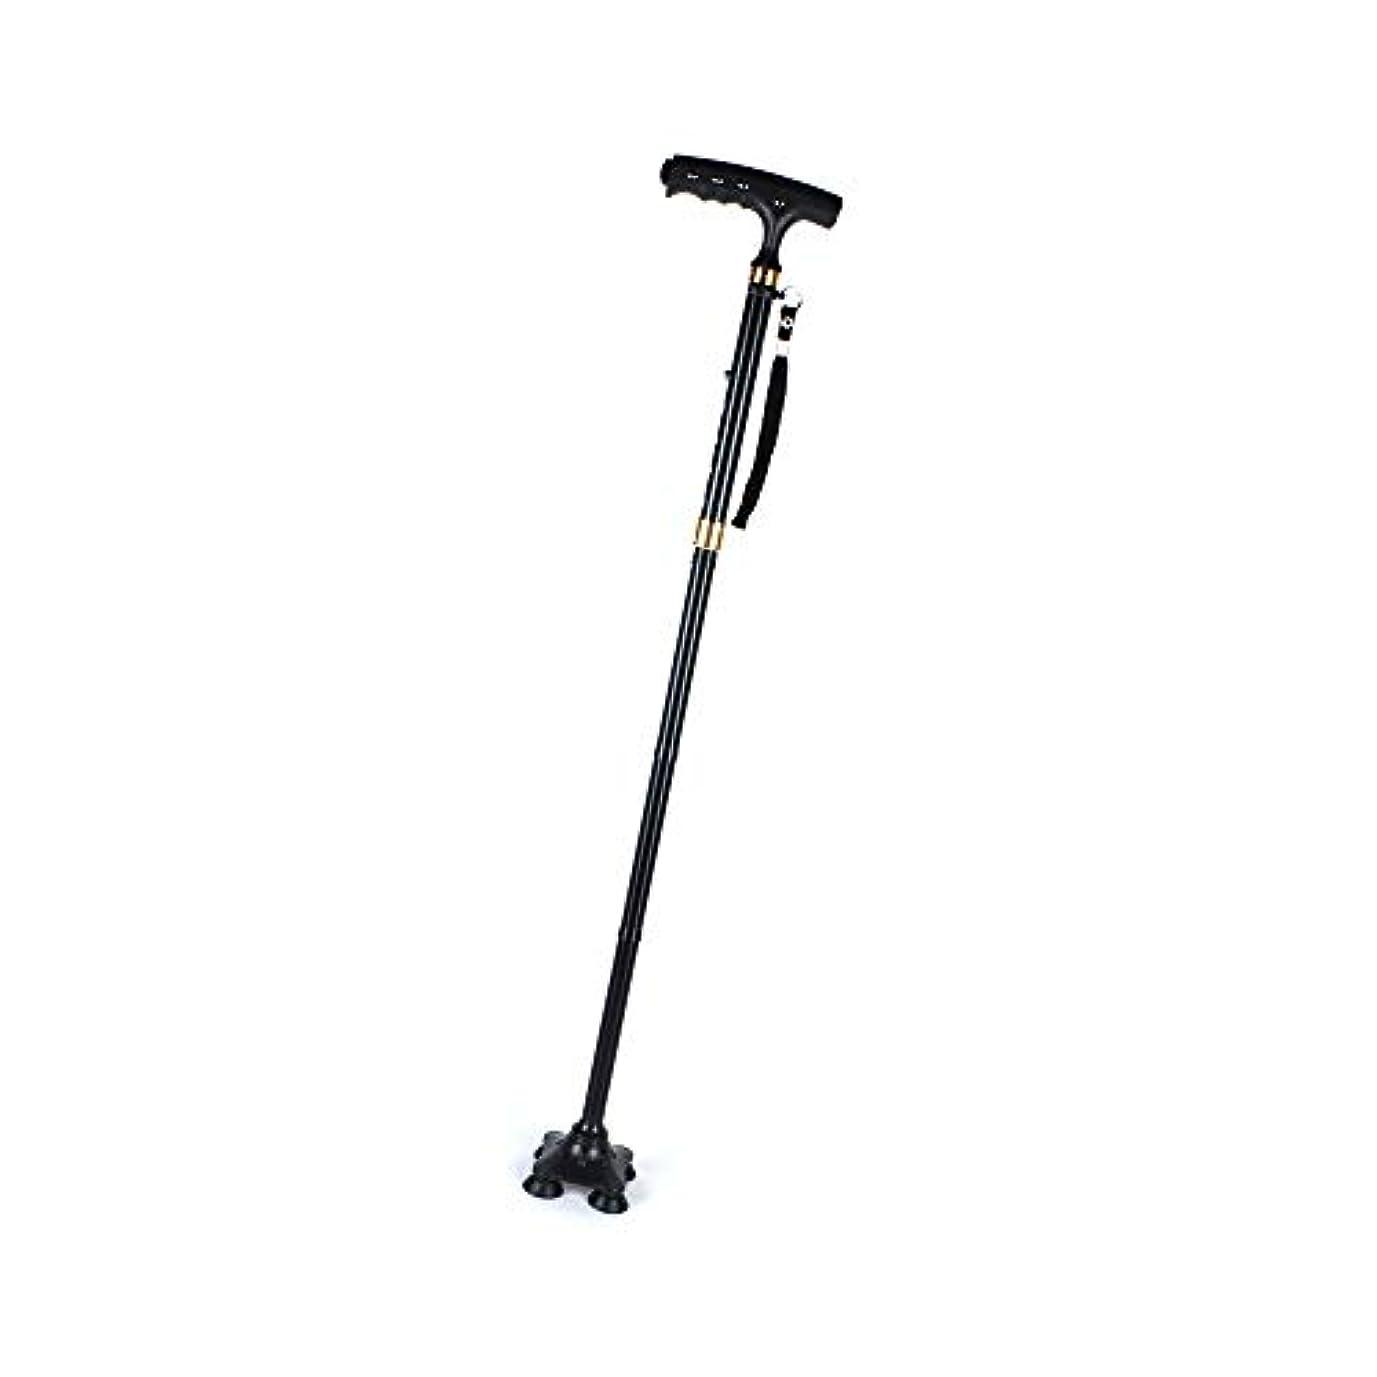 推定する肘みなさん折りたたみ松葉杖 伸縮式杖 ステッキ 杖 4点杖 高さ調節可能 アルミニウム合金ステッキ/高齢者 介護 介助 、 夜間散歩/トレッキング 伸縮可能 歩行補助補助ハンドル